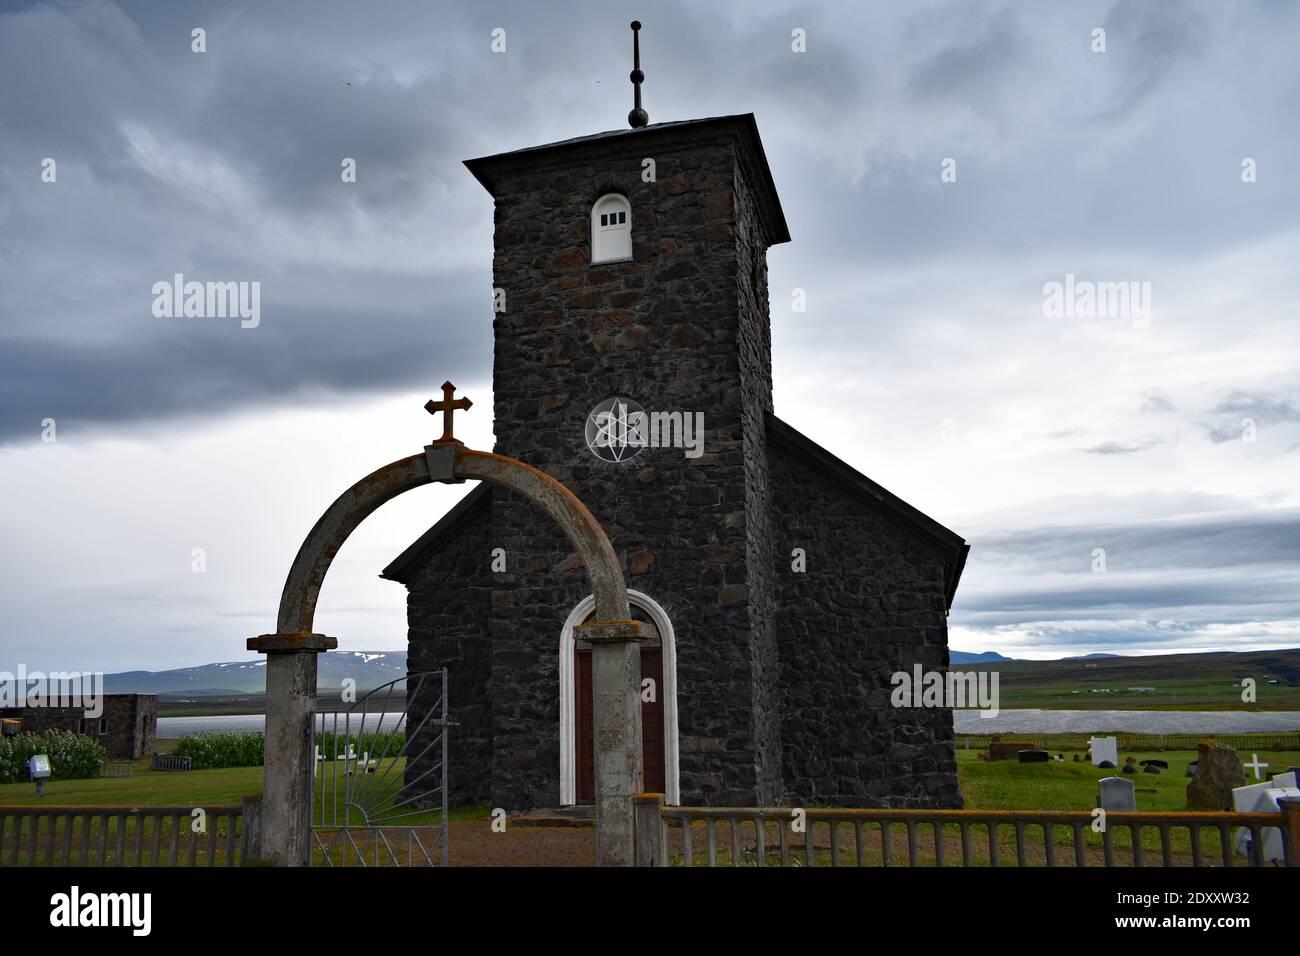 Église de Thingeyrar, ÉGLISE en pierre du XIXe siècle dans le nord de l'Islande. Une porte voûtée avec une croix mène au petit bâtiment noir par une journée. Banque D'Images